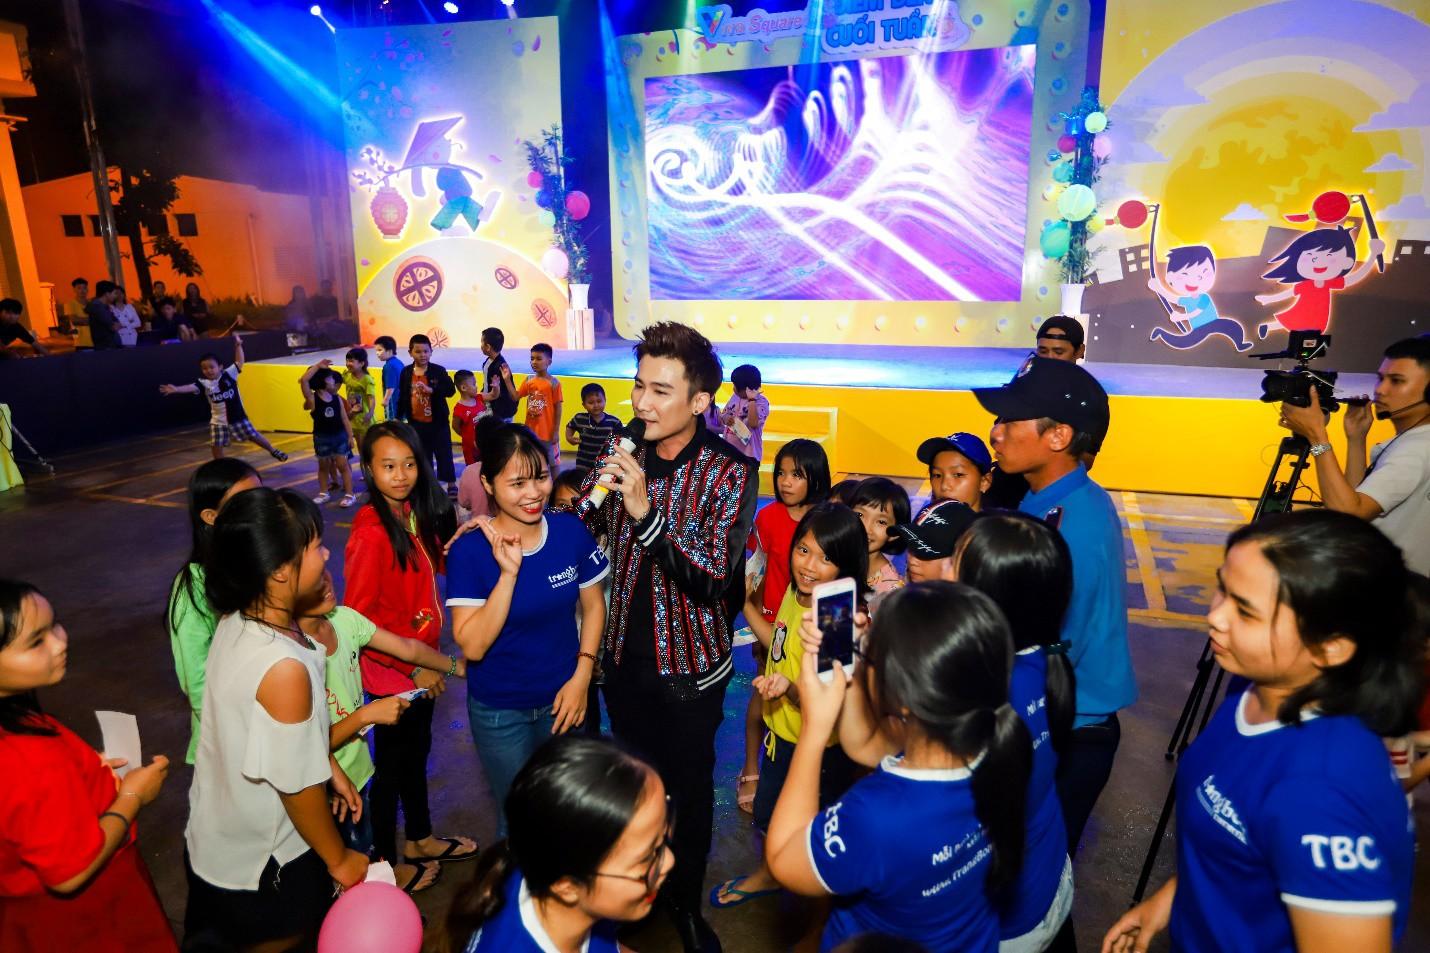 Tìm lại tuổi thơ với ngày hội Trung thu ở Viva Square - Ảnh 7.